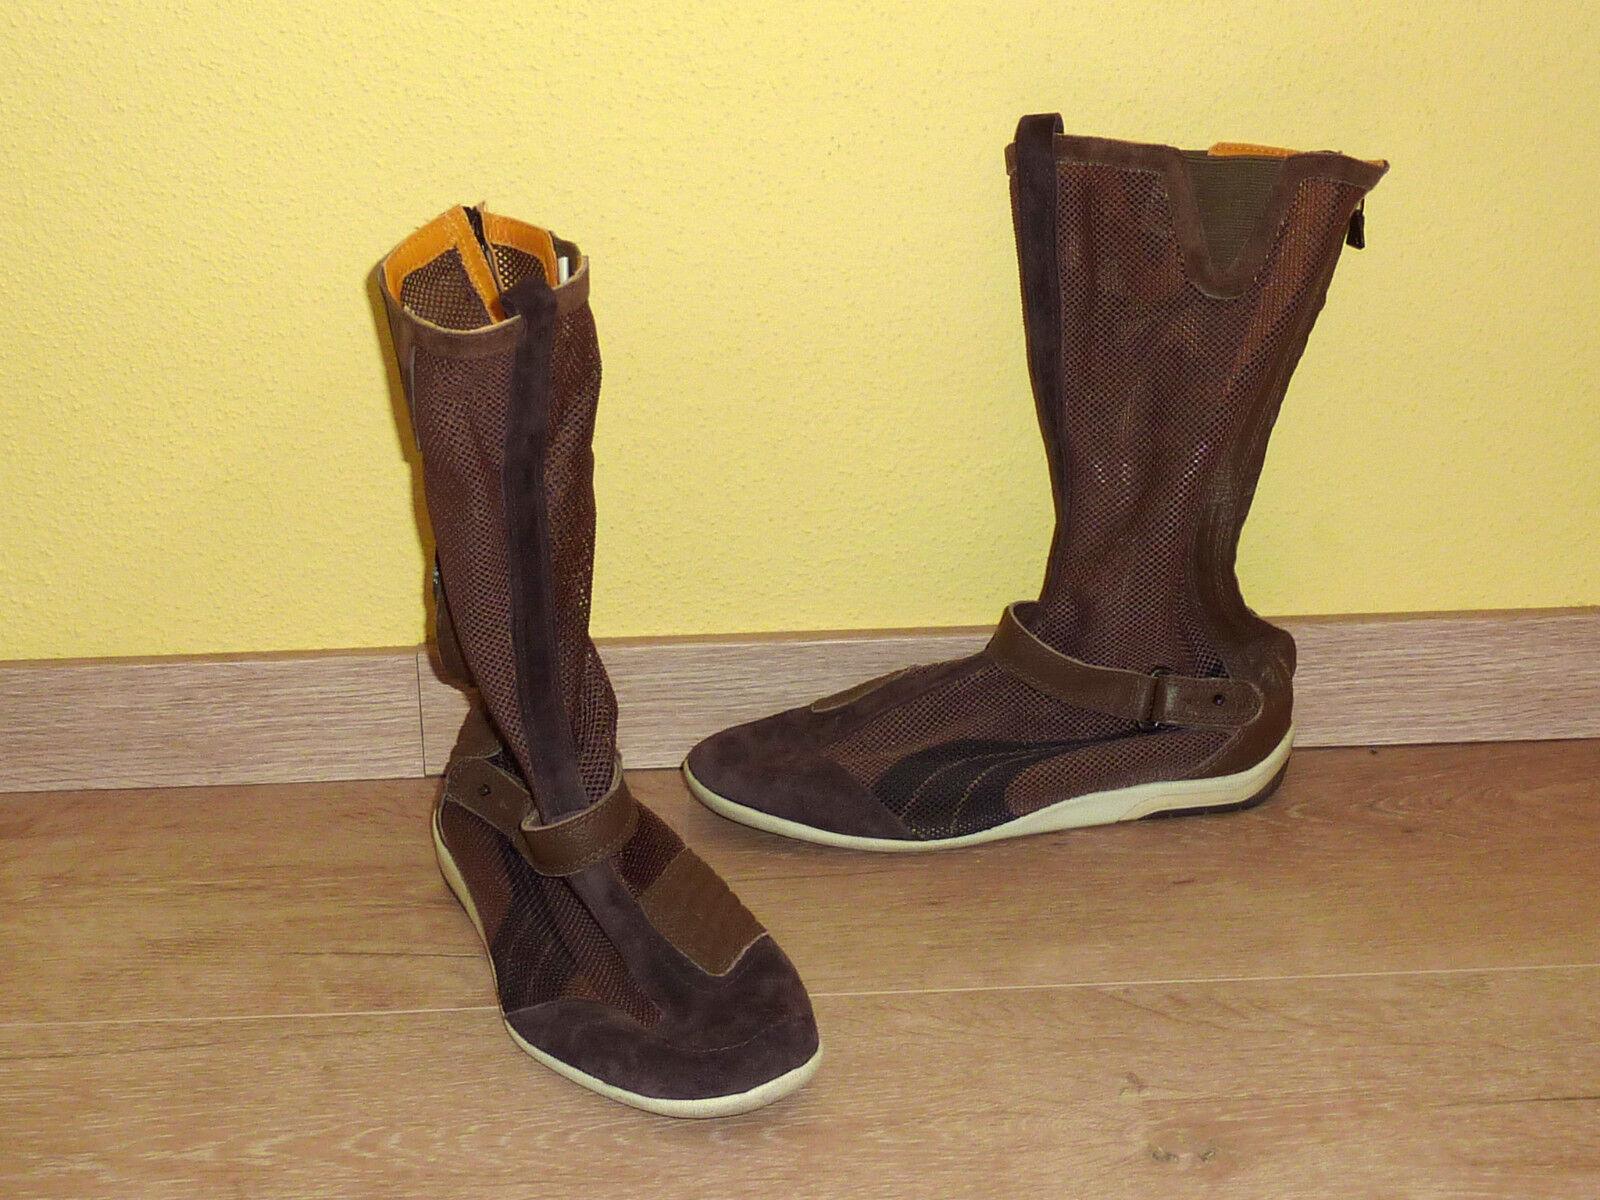 Puma Stiefletten Sommer braun Größe 40 neuwertig